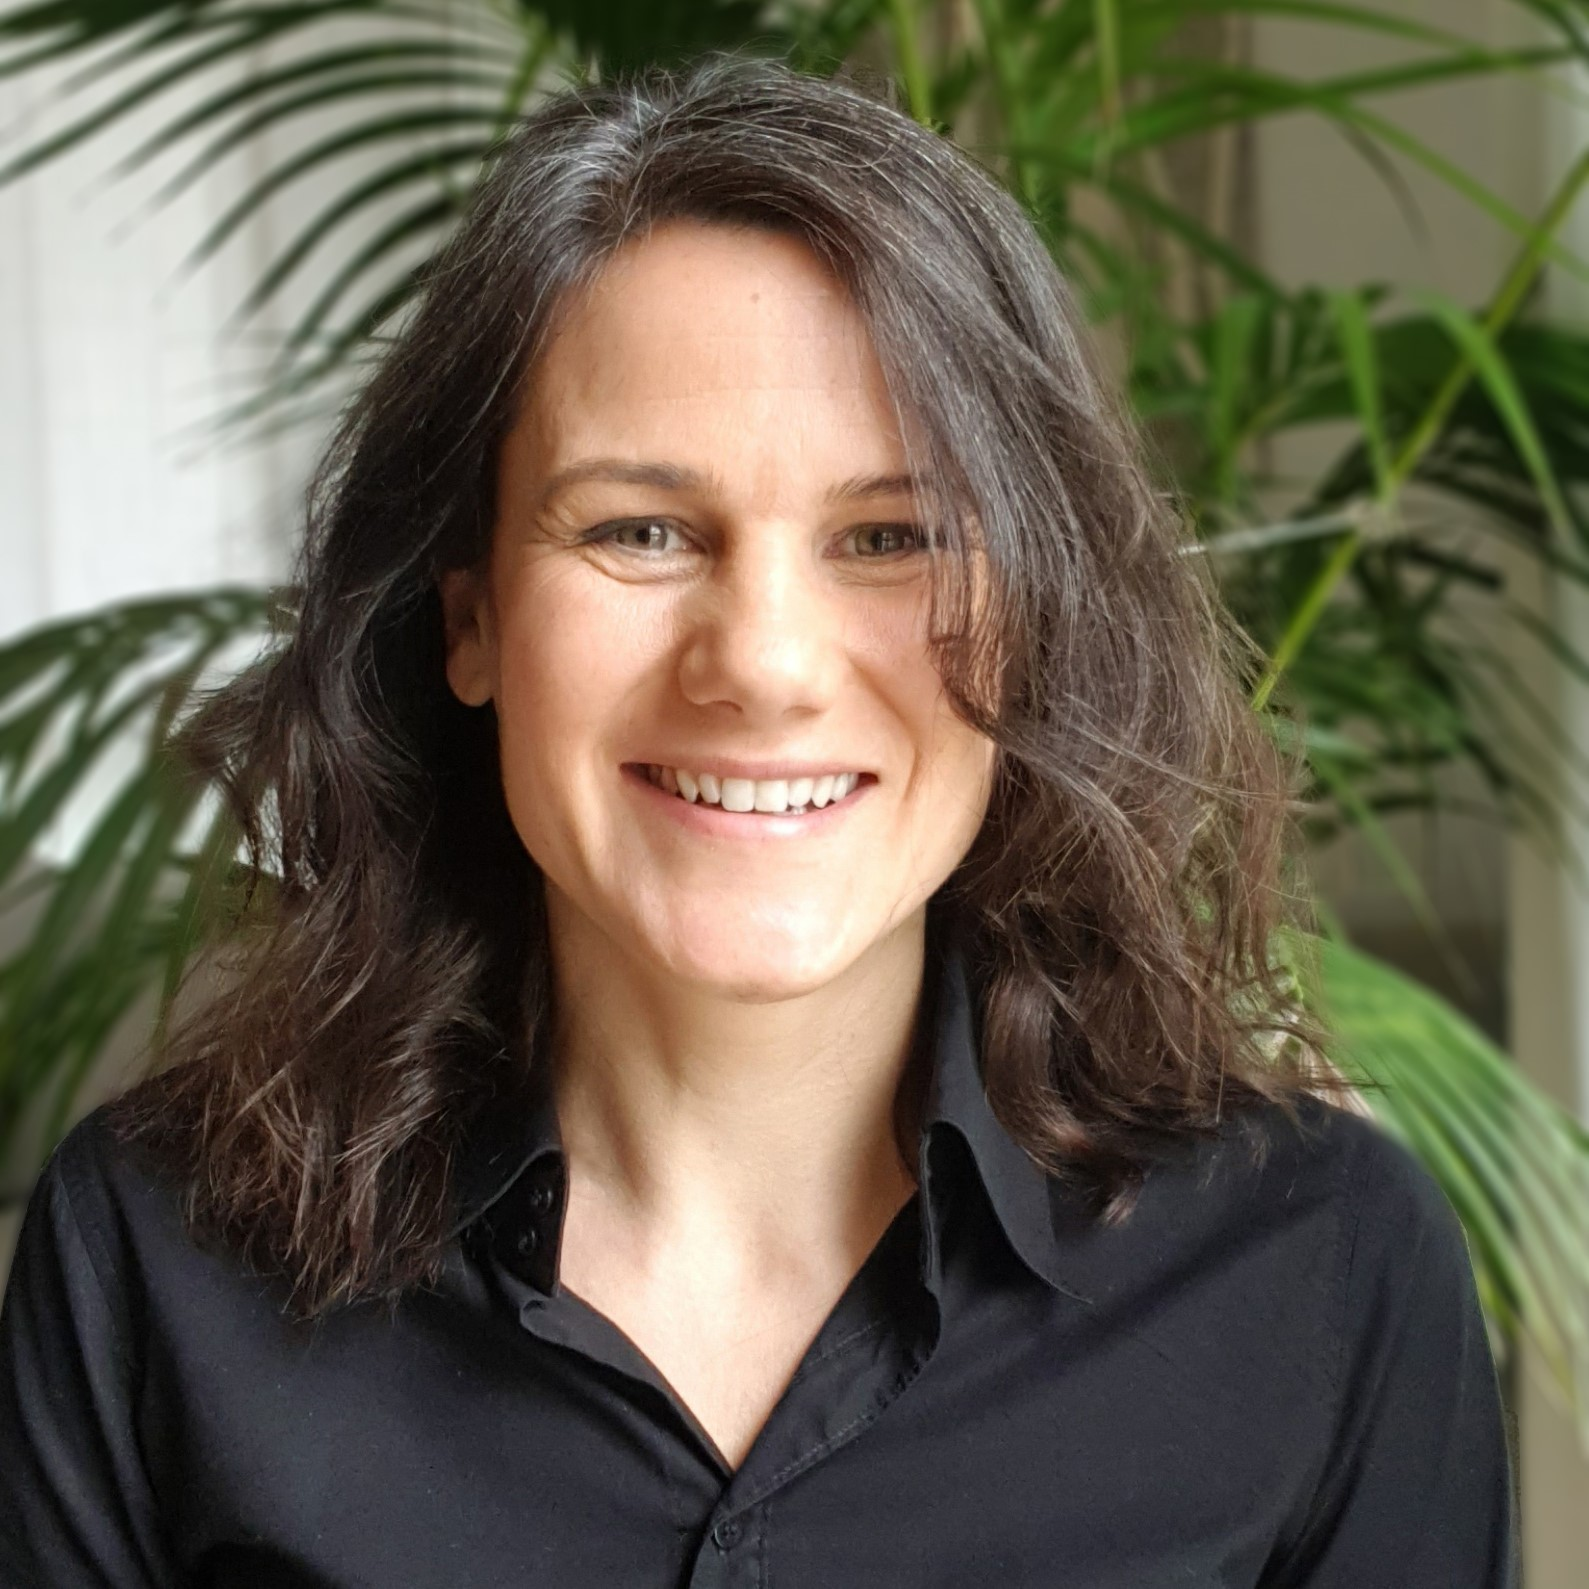 Sarah Houdus